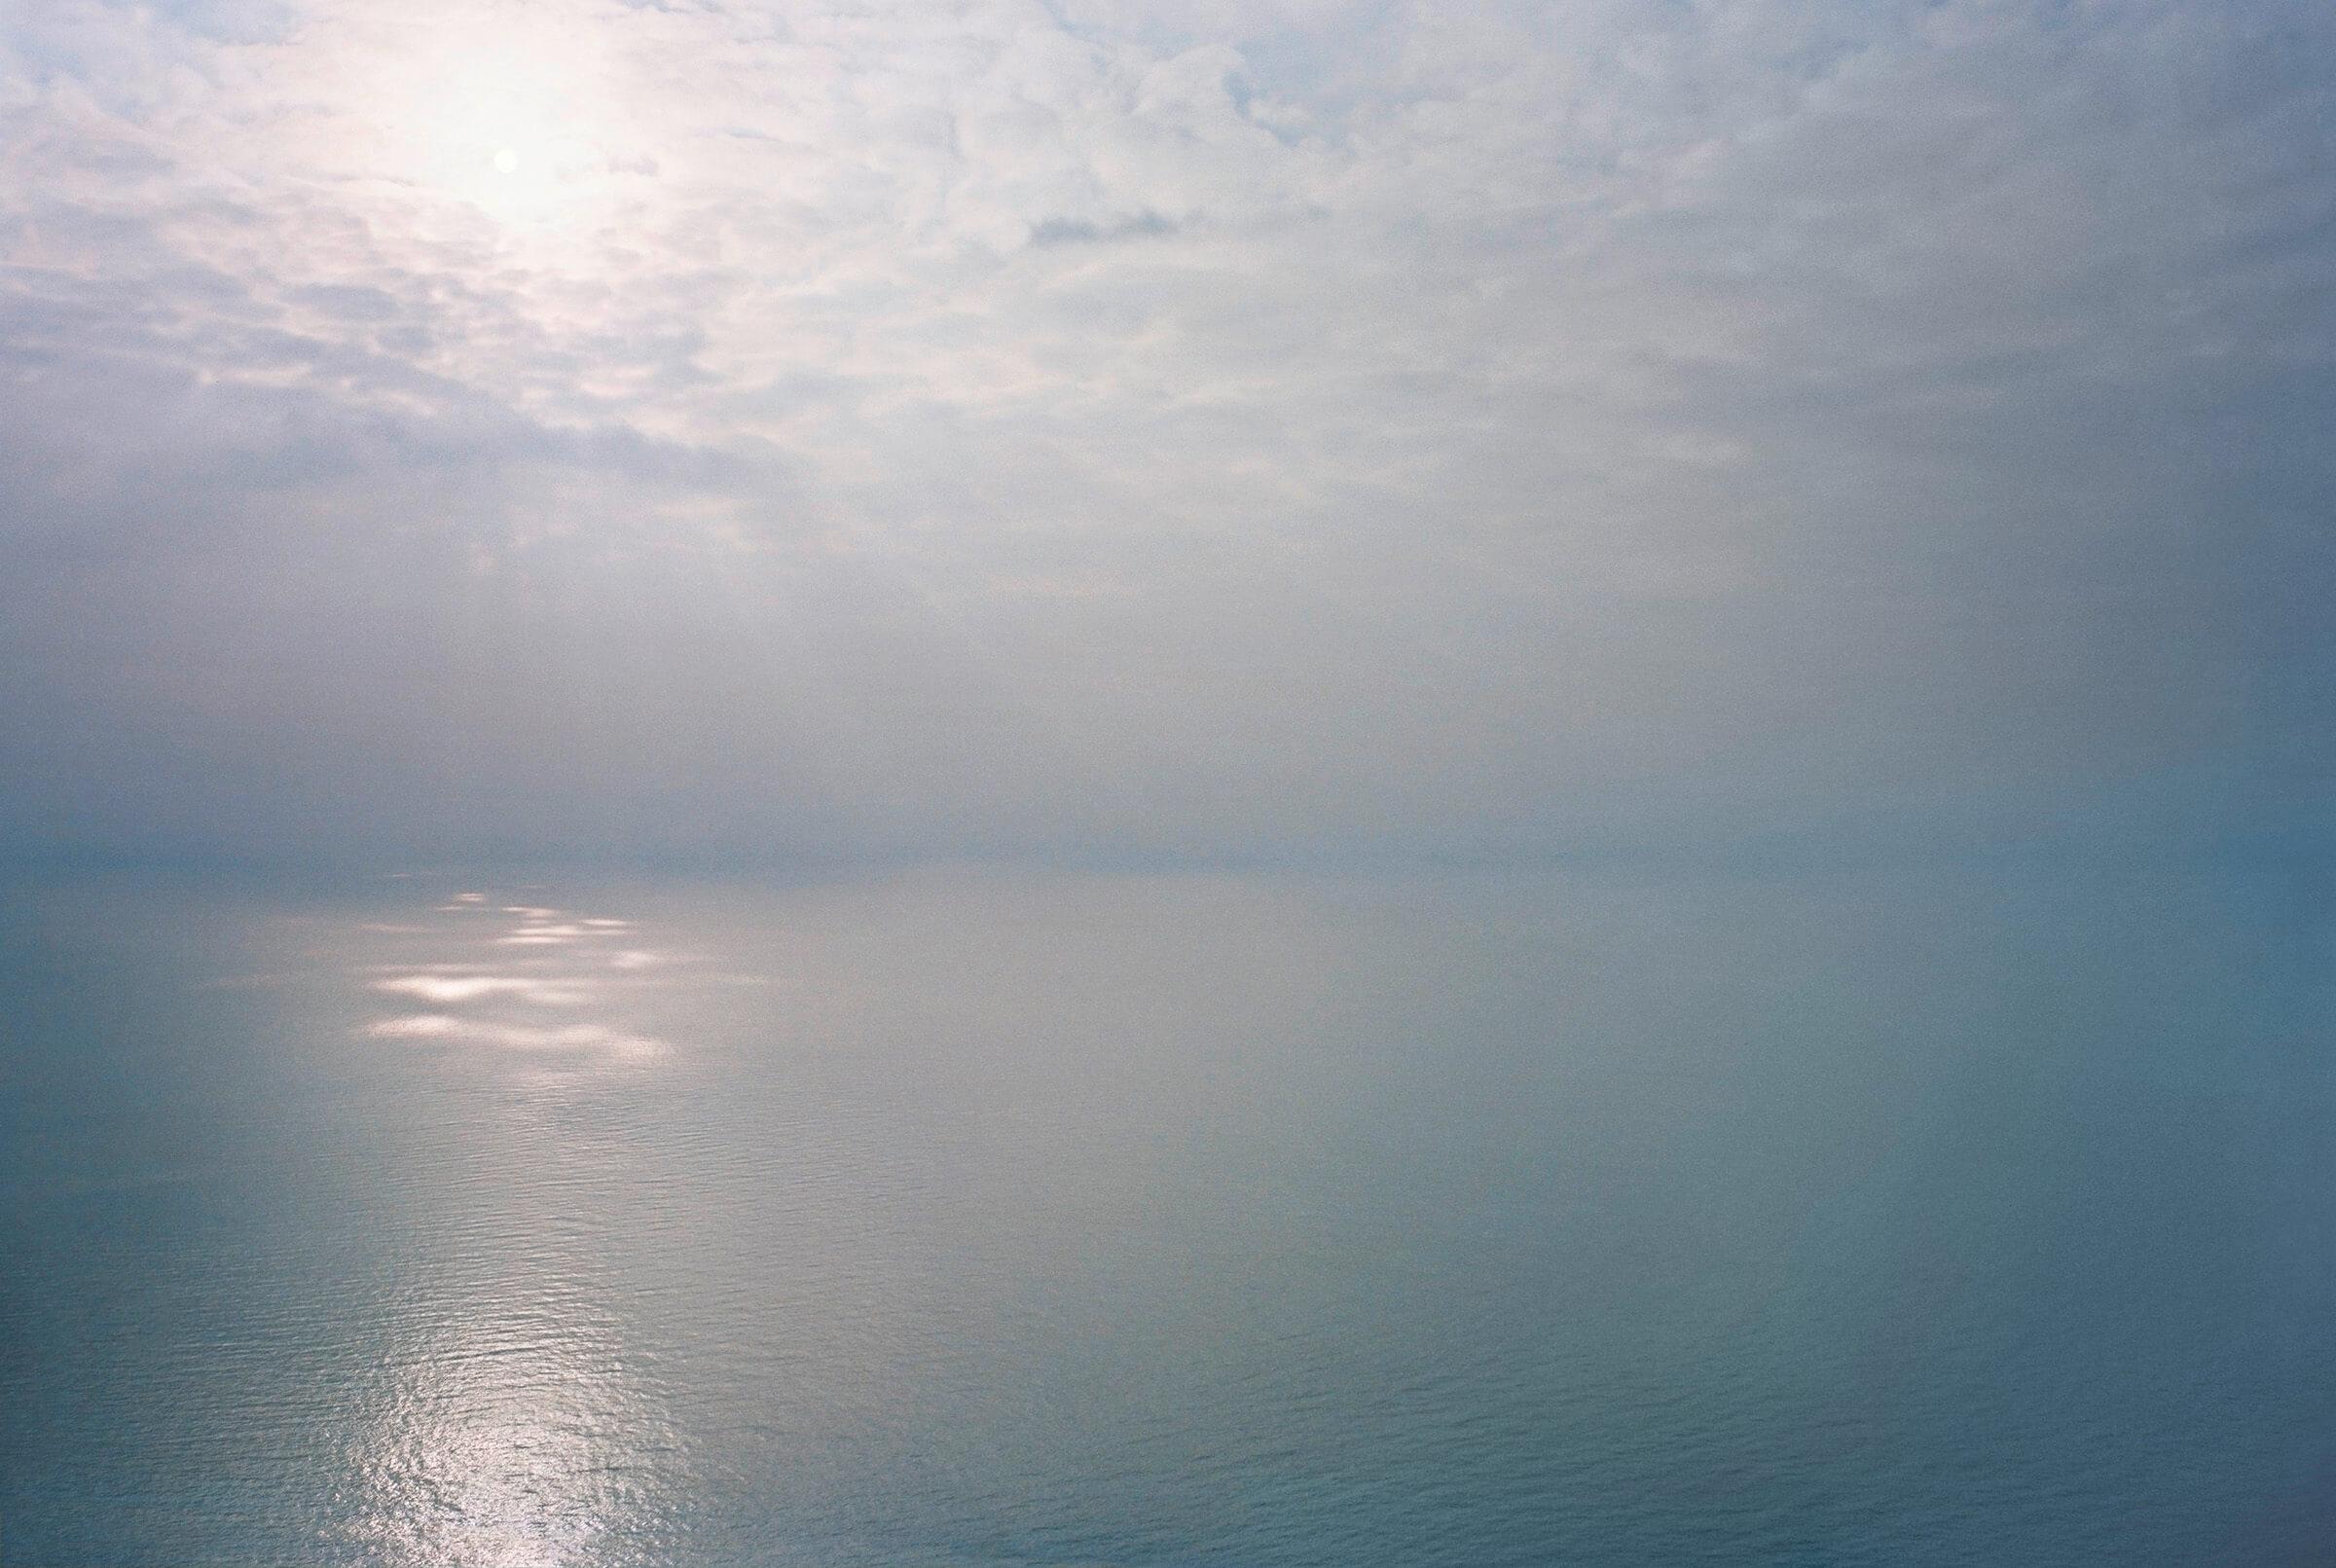 Mare sette